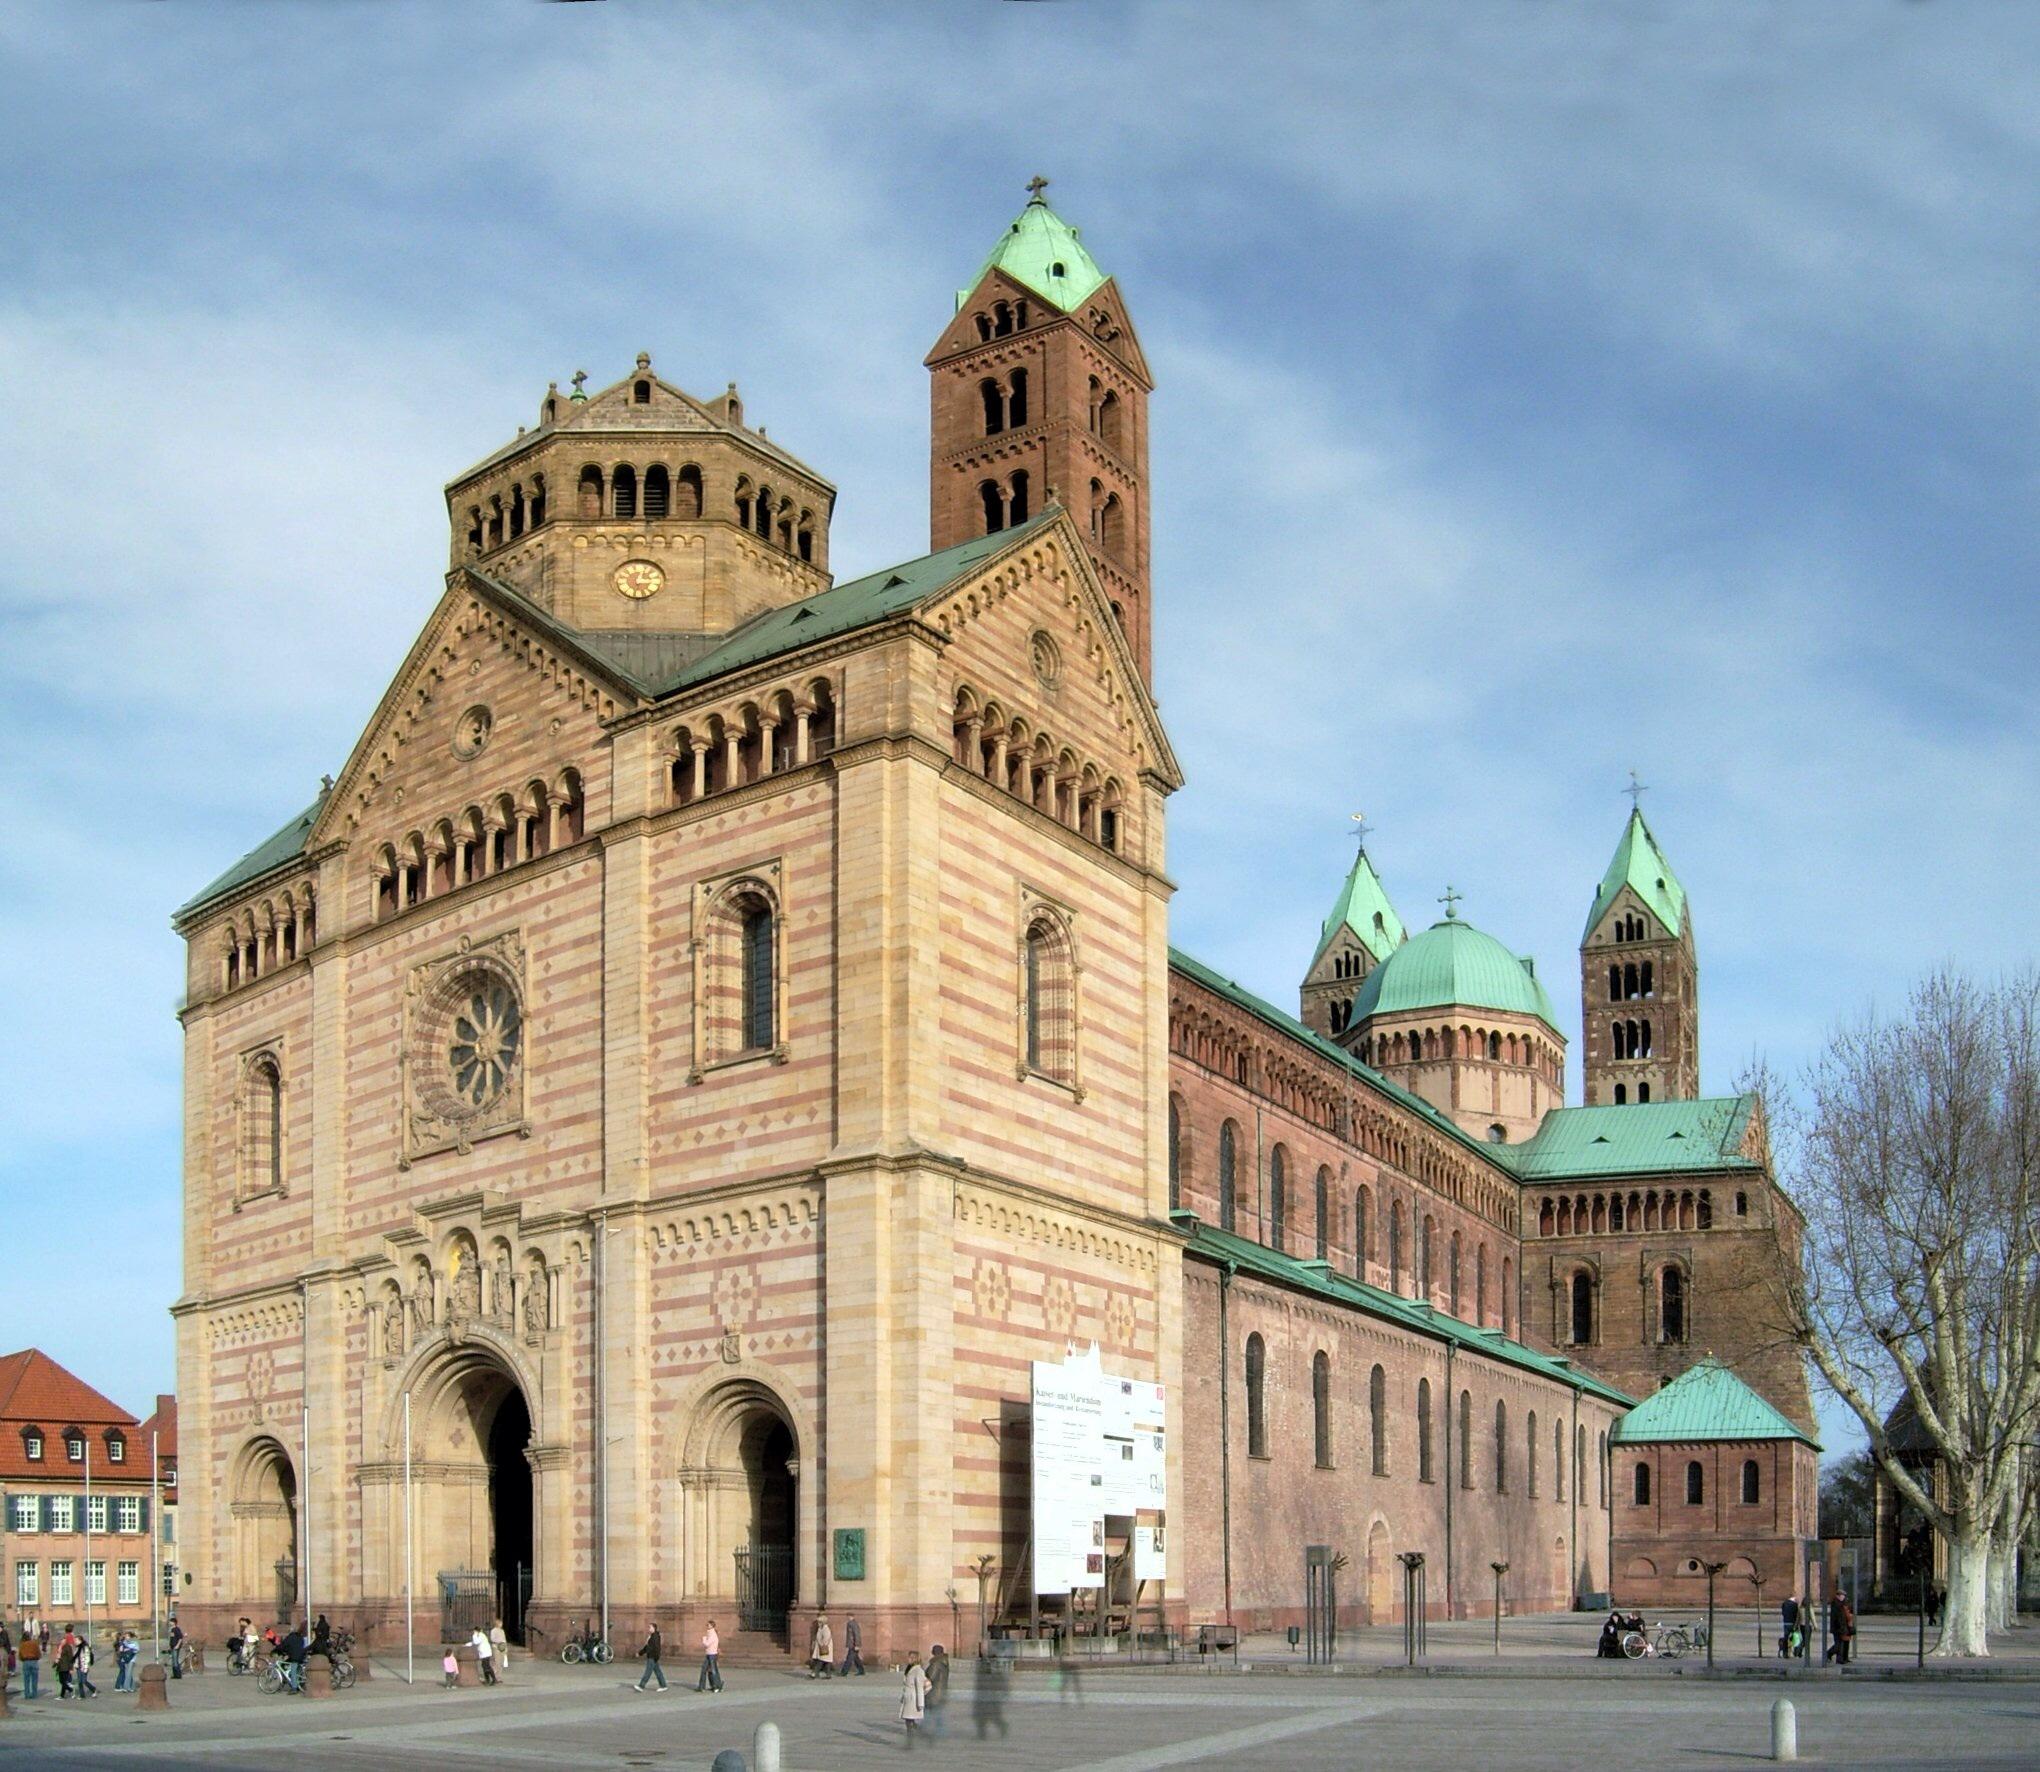 Romanesk sanat diyablog for Architektur romantik